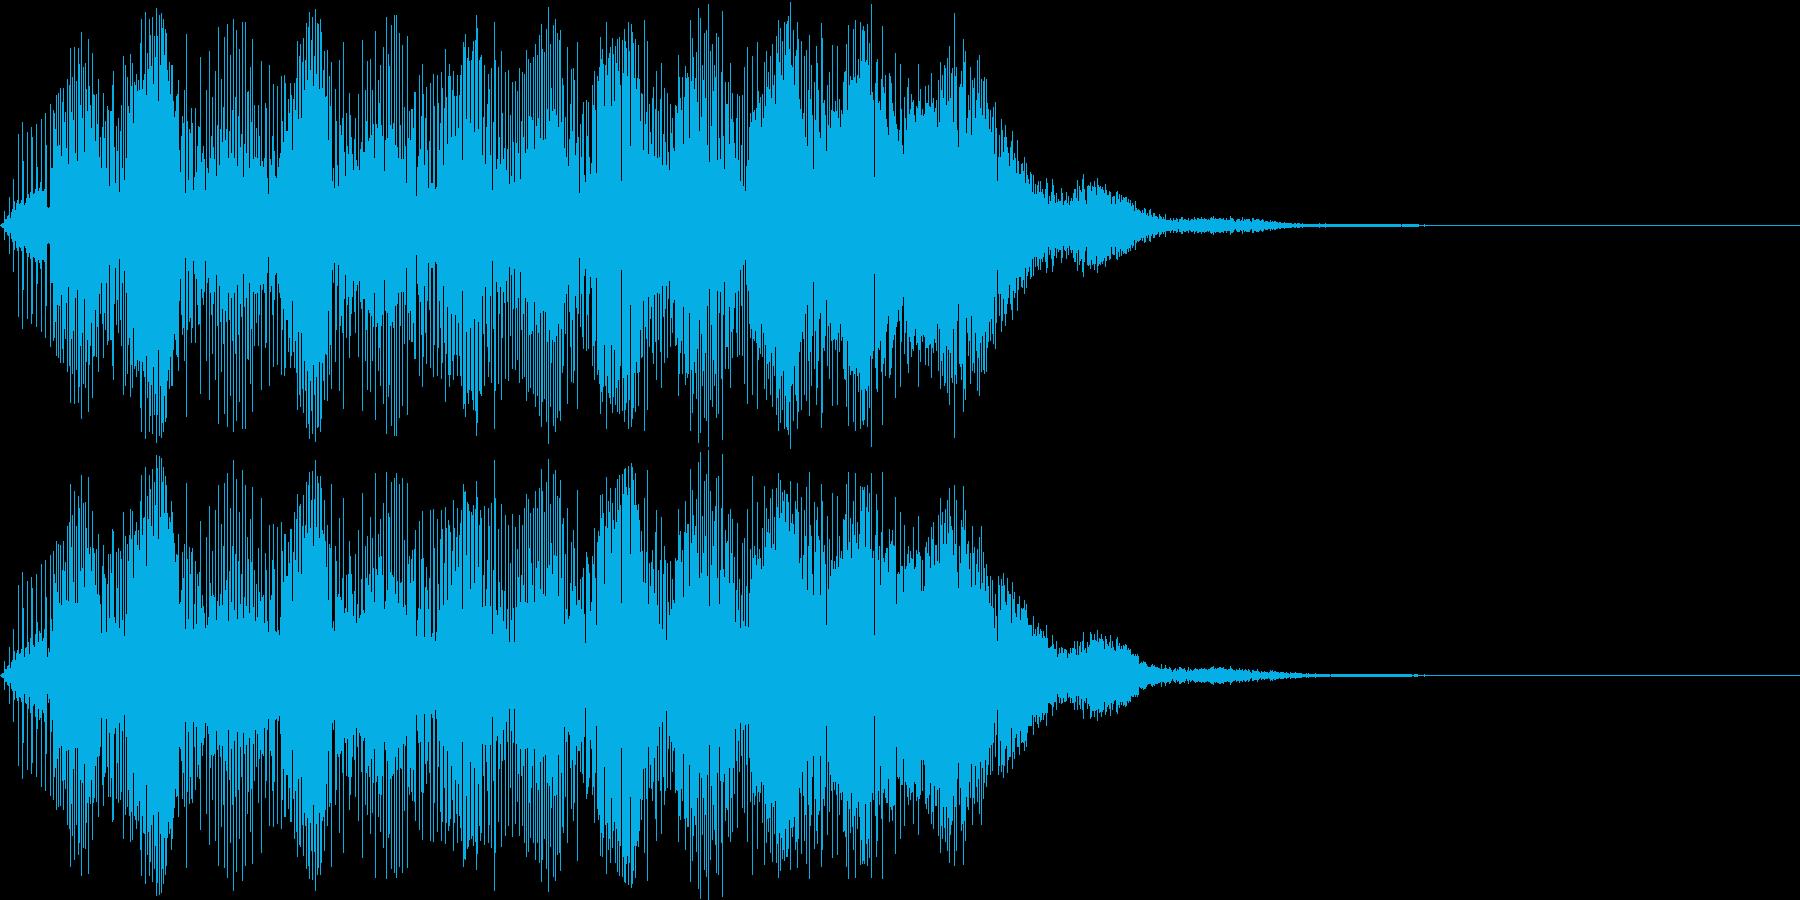 明るい響きのアラーム音(上昇する電子音)の再生済みの波形